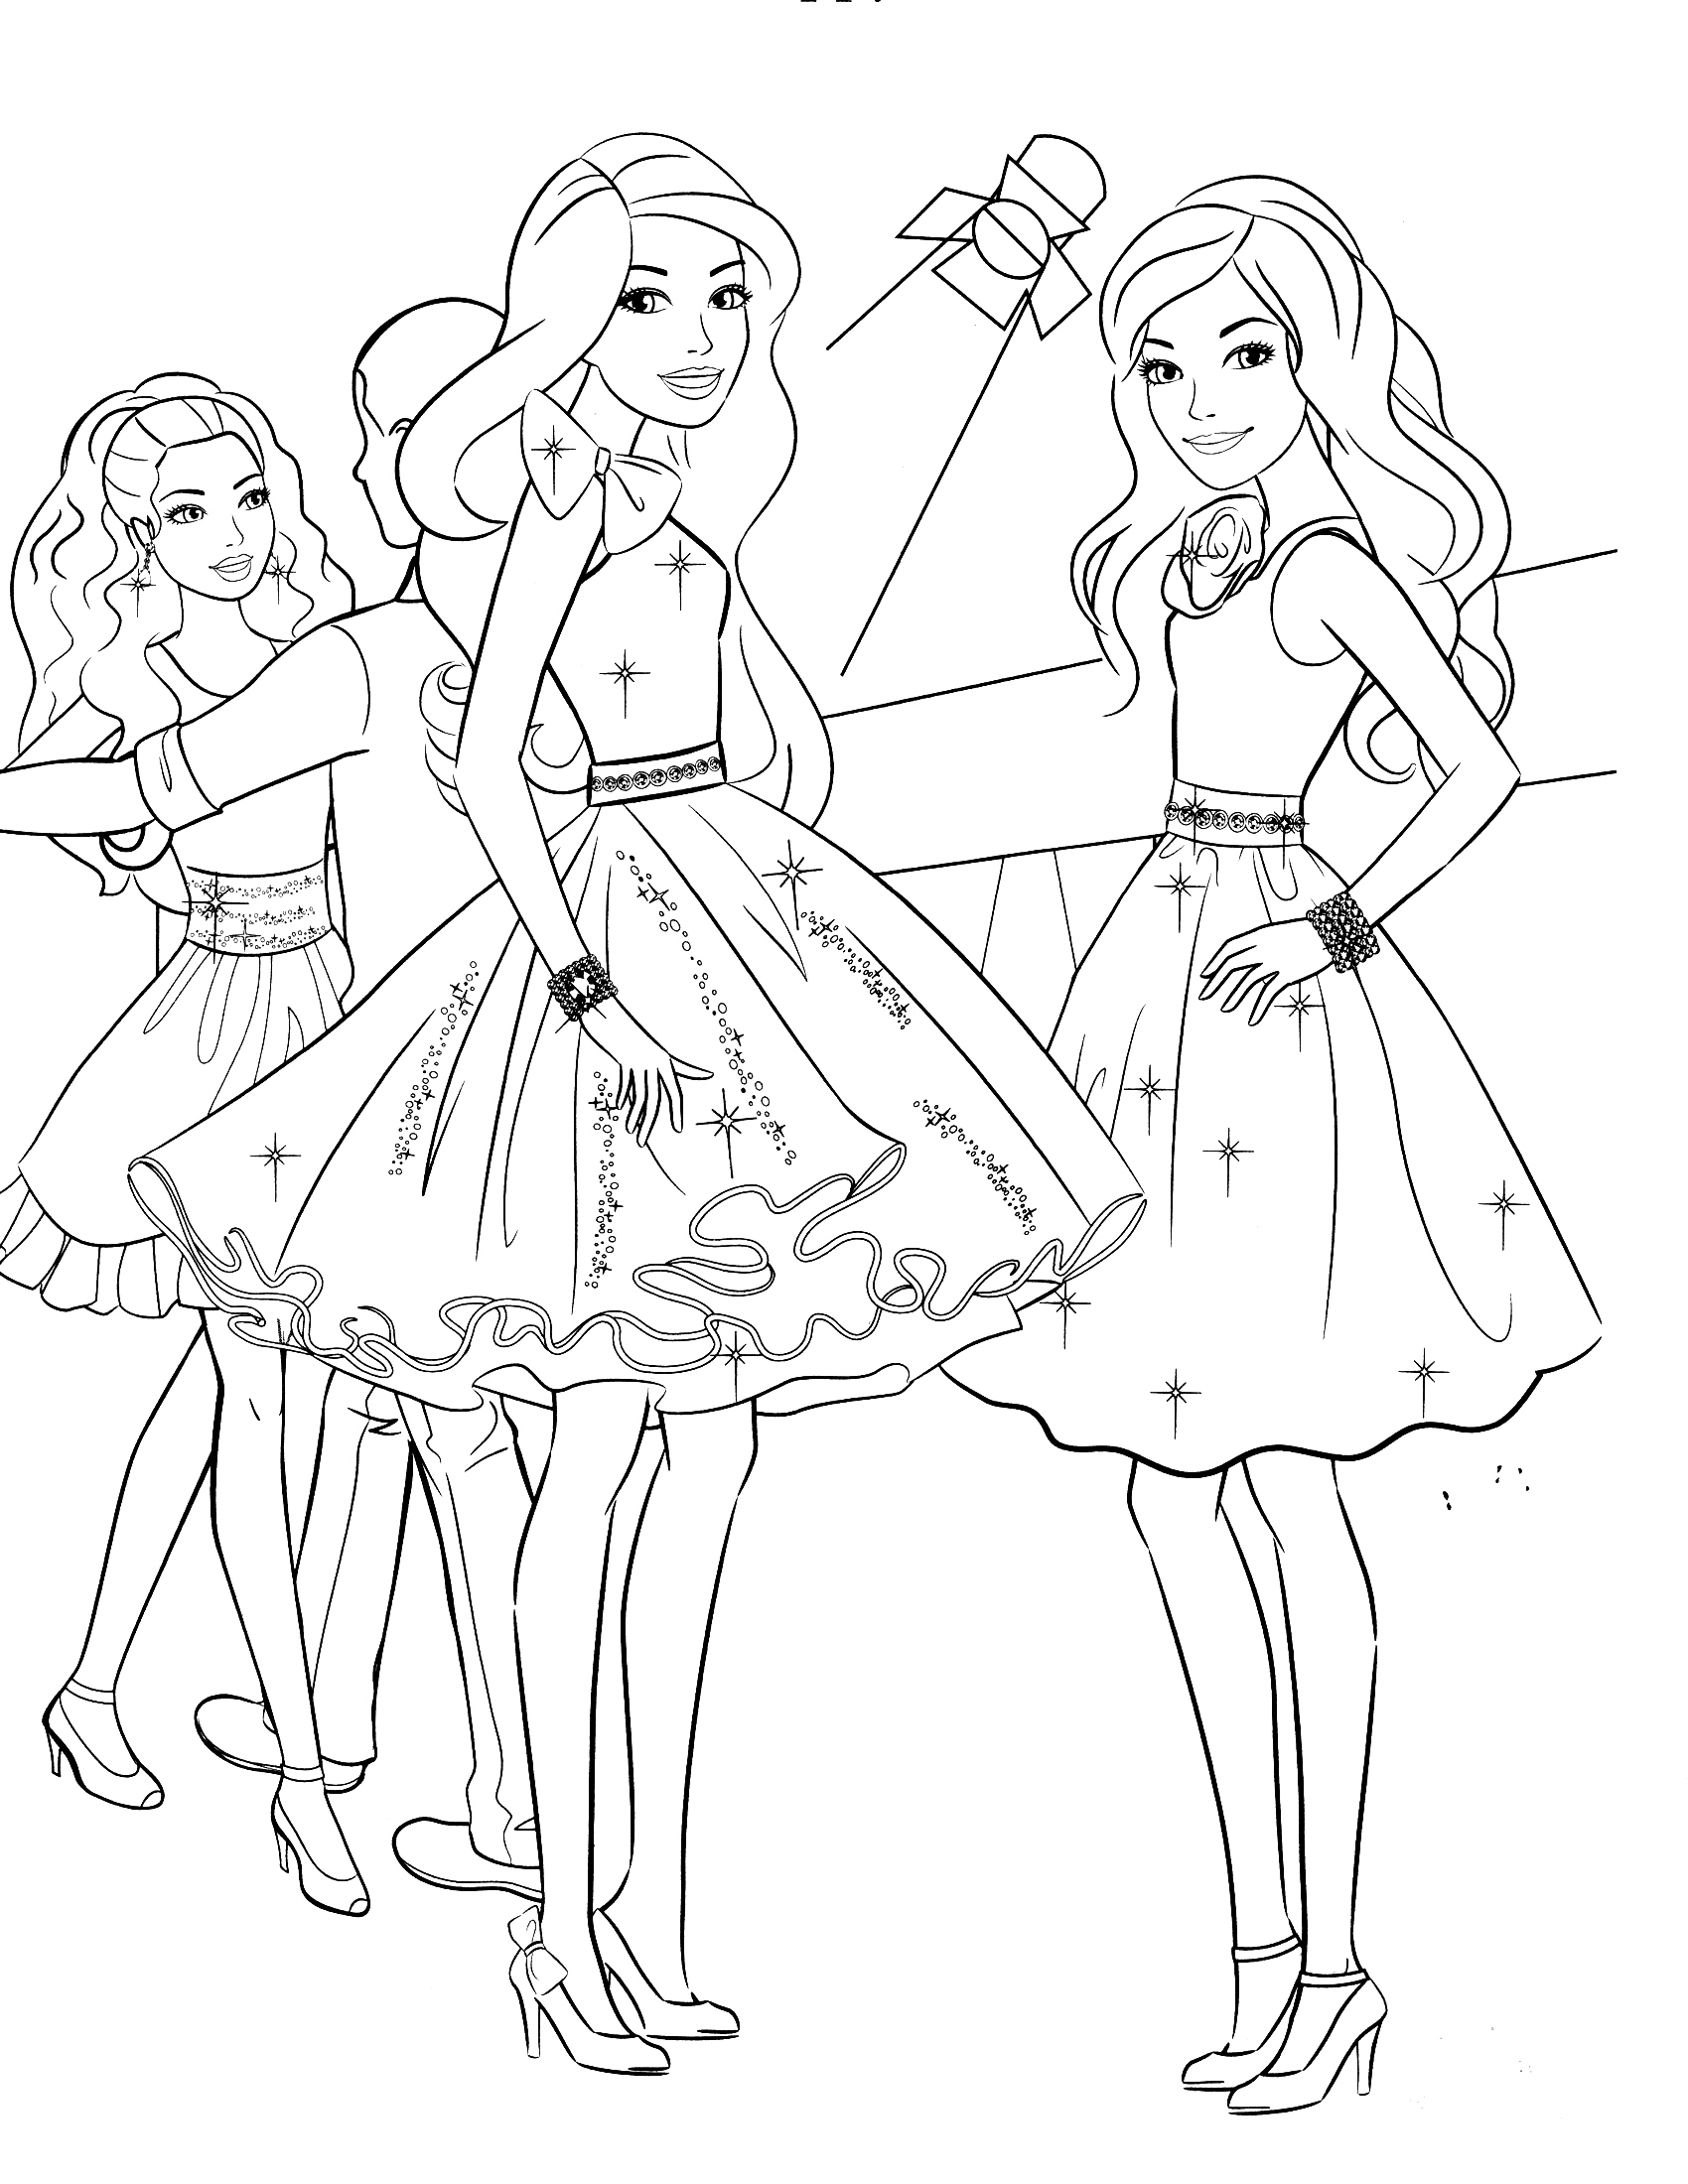 Coloriage Barbie au bal à imprimer